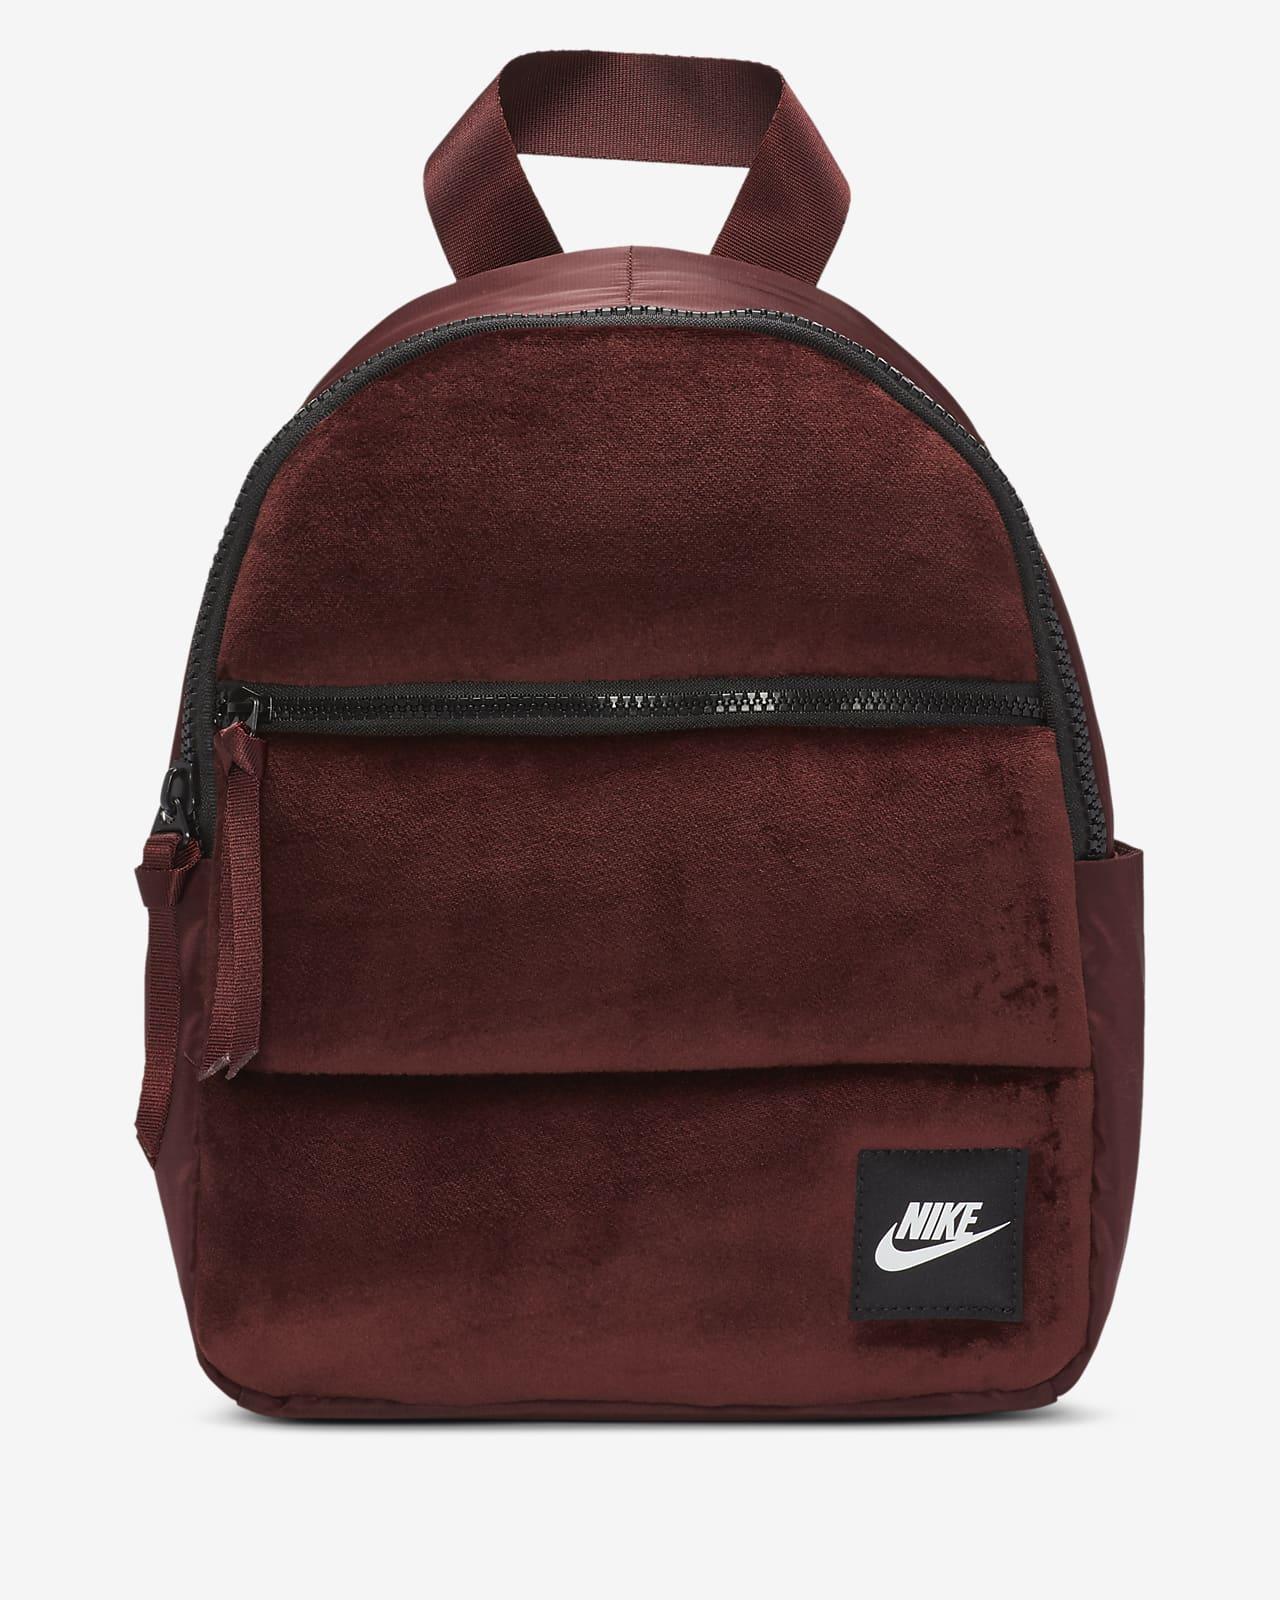 Nike Sportswear Essentials Winterized 双肩包